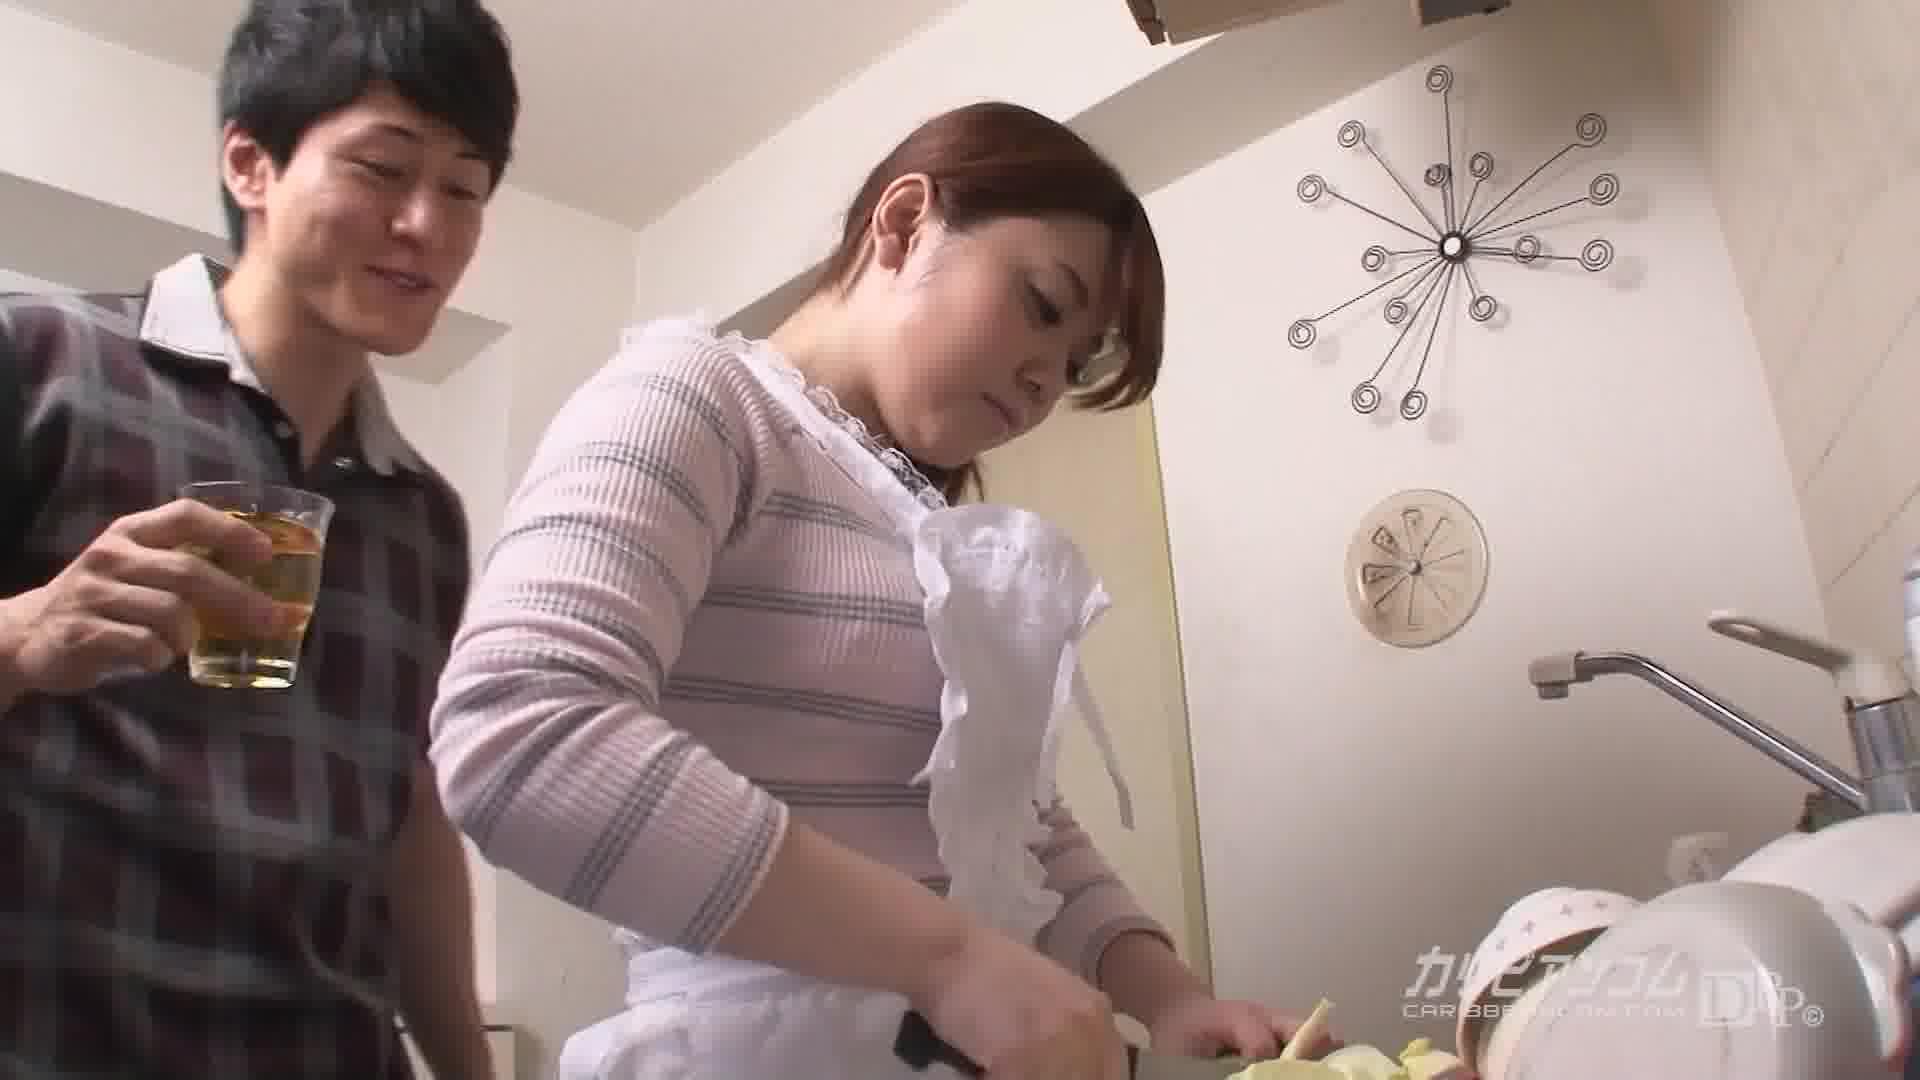 新婚夫婦の営み大作戦 - 本山茉莉【パイパン・初裏・エプロン】